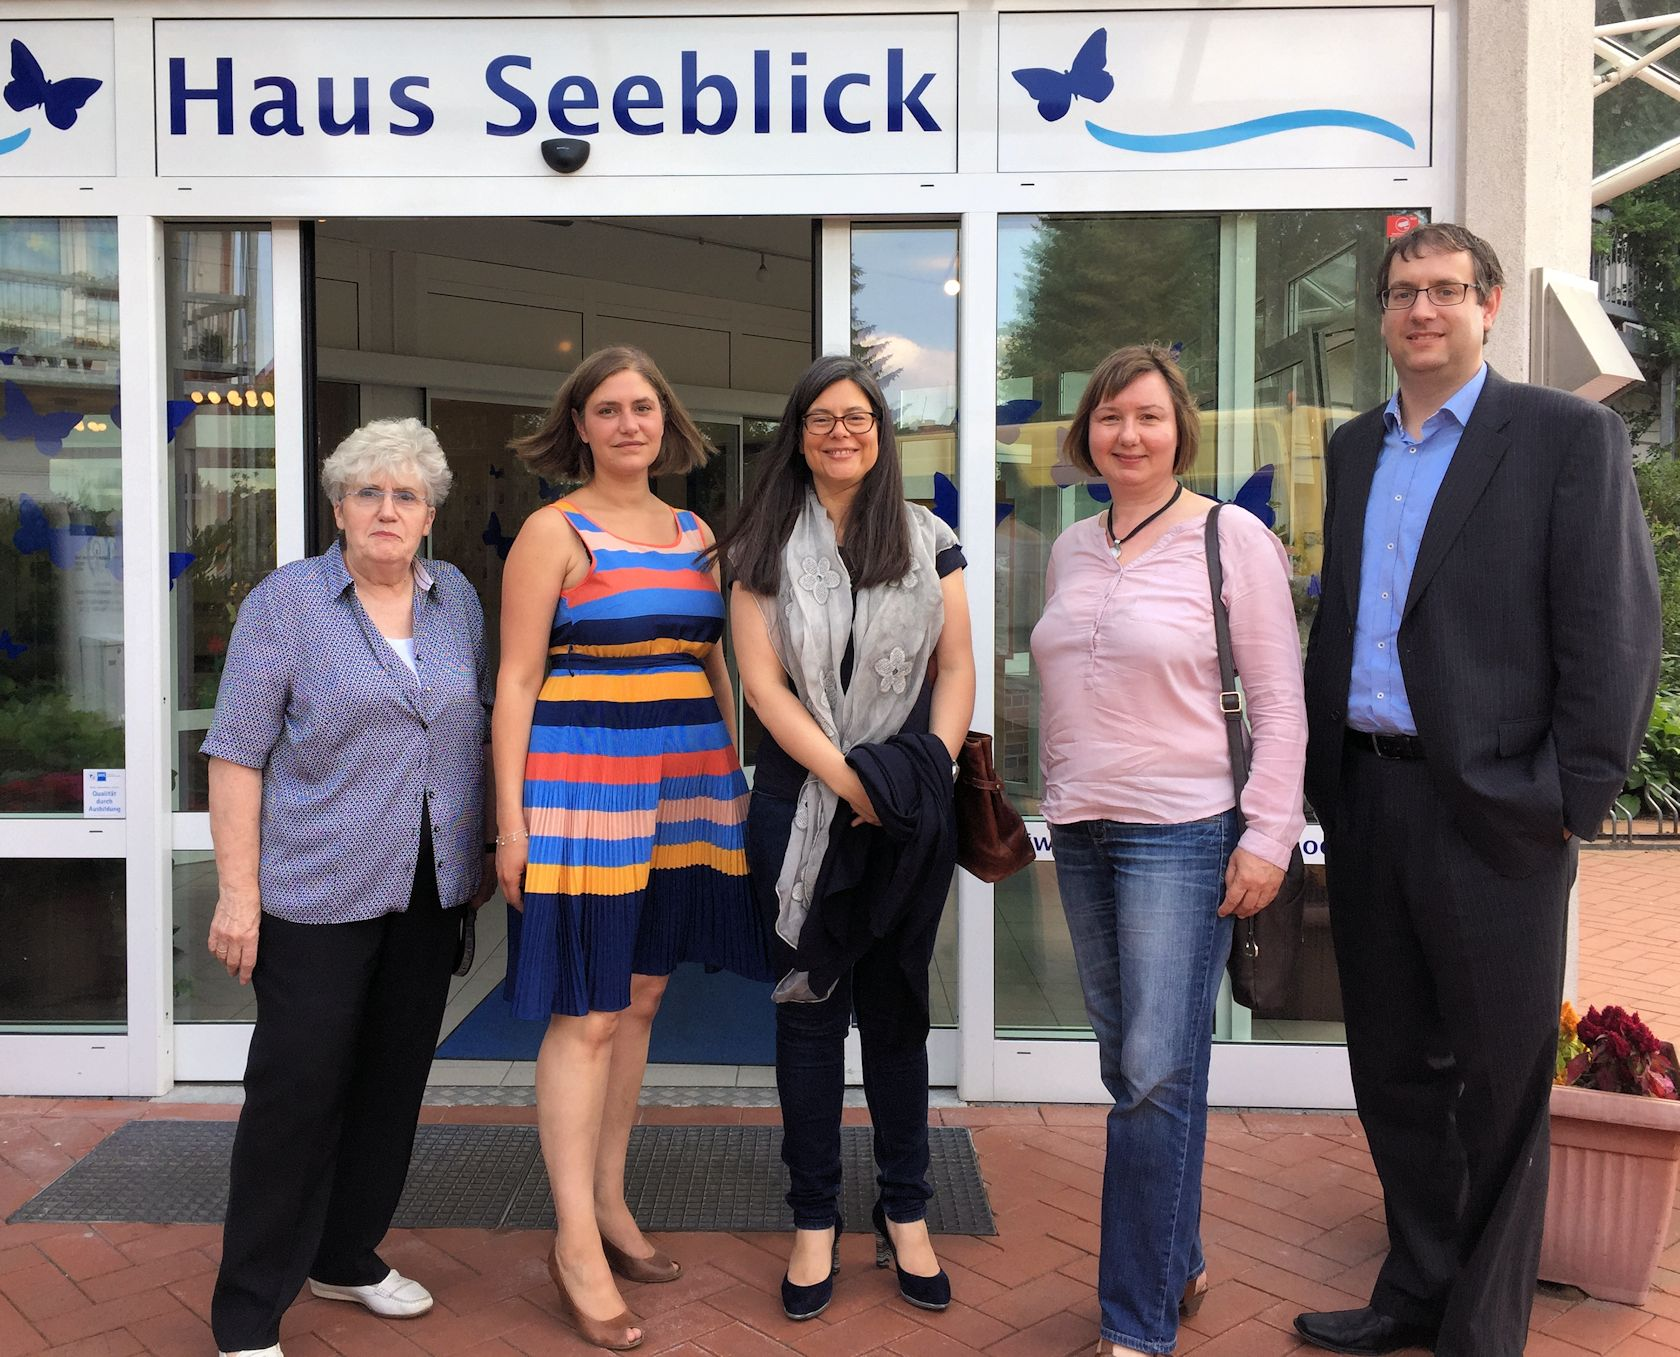 v.l.: Ingrid Brandstädter (Gründerin Haus Seeblick), Pia Lin Höppner (Einrichtungsleiterin Haus Seeblick), Nina Scheer (MdB), Kirsten Patzke (SPD-Kreisvorsitzende Herzogtum Lauenburg), Hauke Hahme (Geschäftsführer Haus Seeblick Pflegeheim Mölln GmbH)